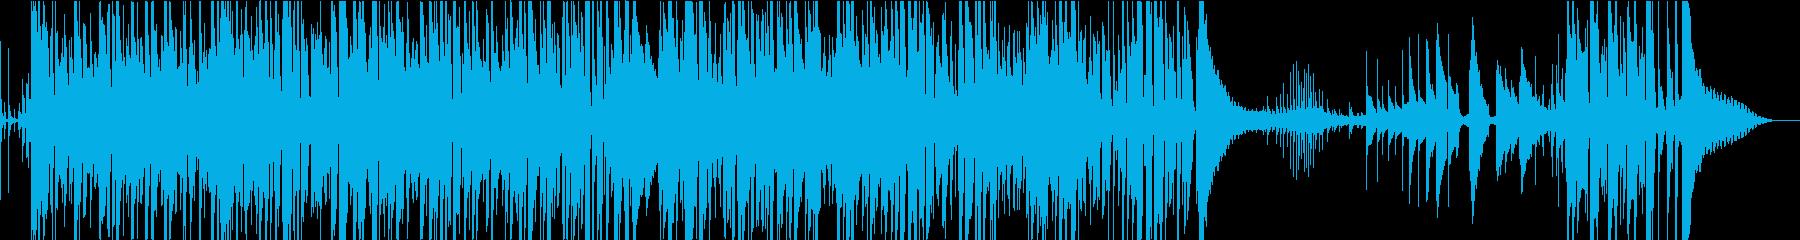 ショパンのノクターン・ギターインストの再生済みの波形